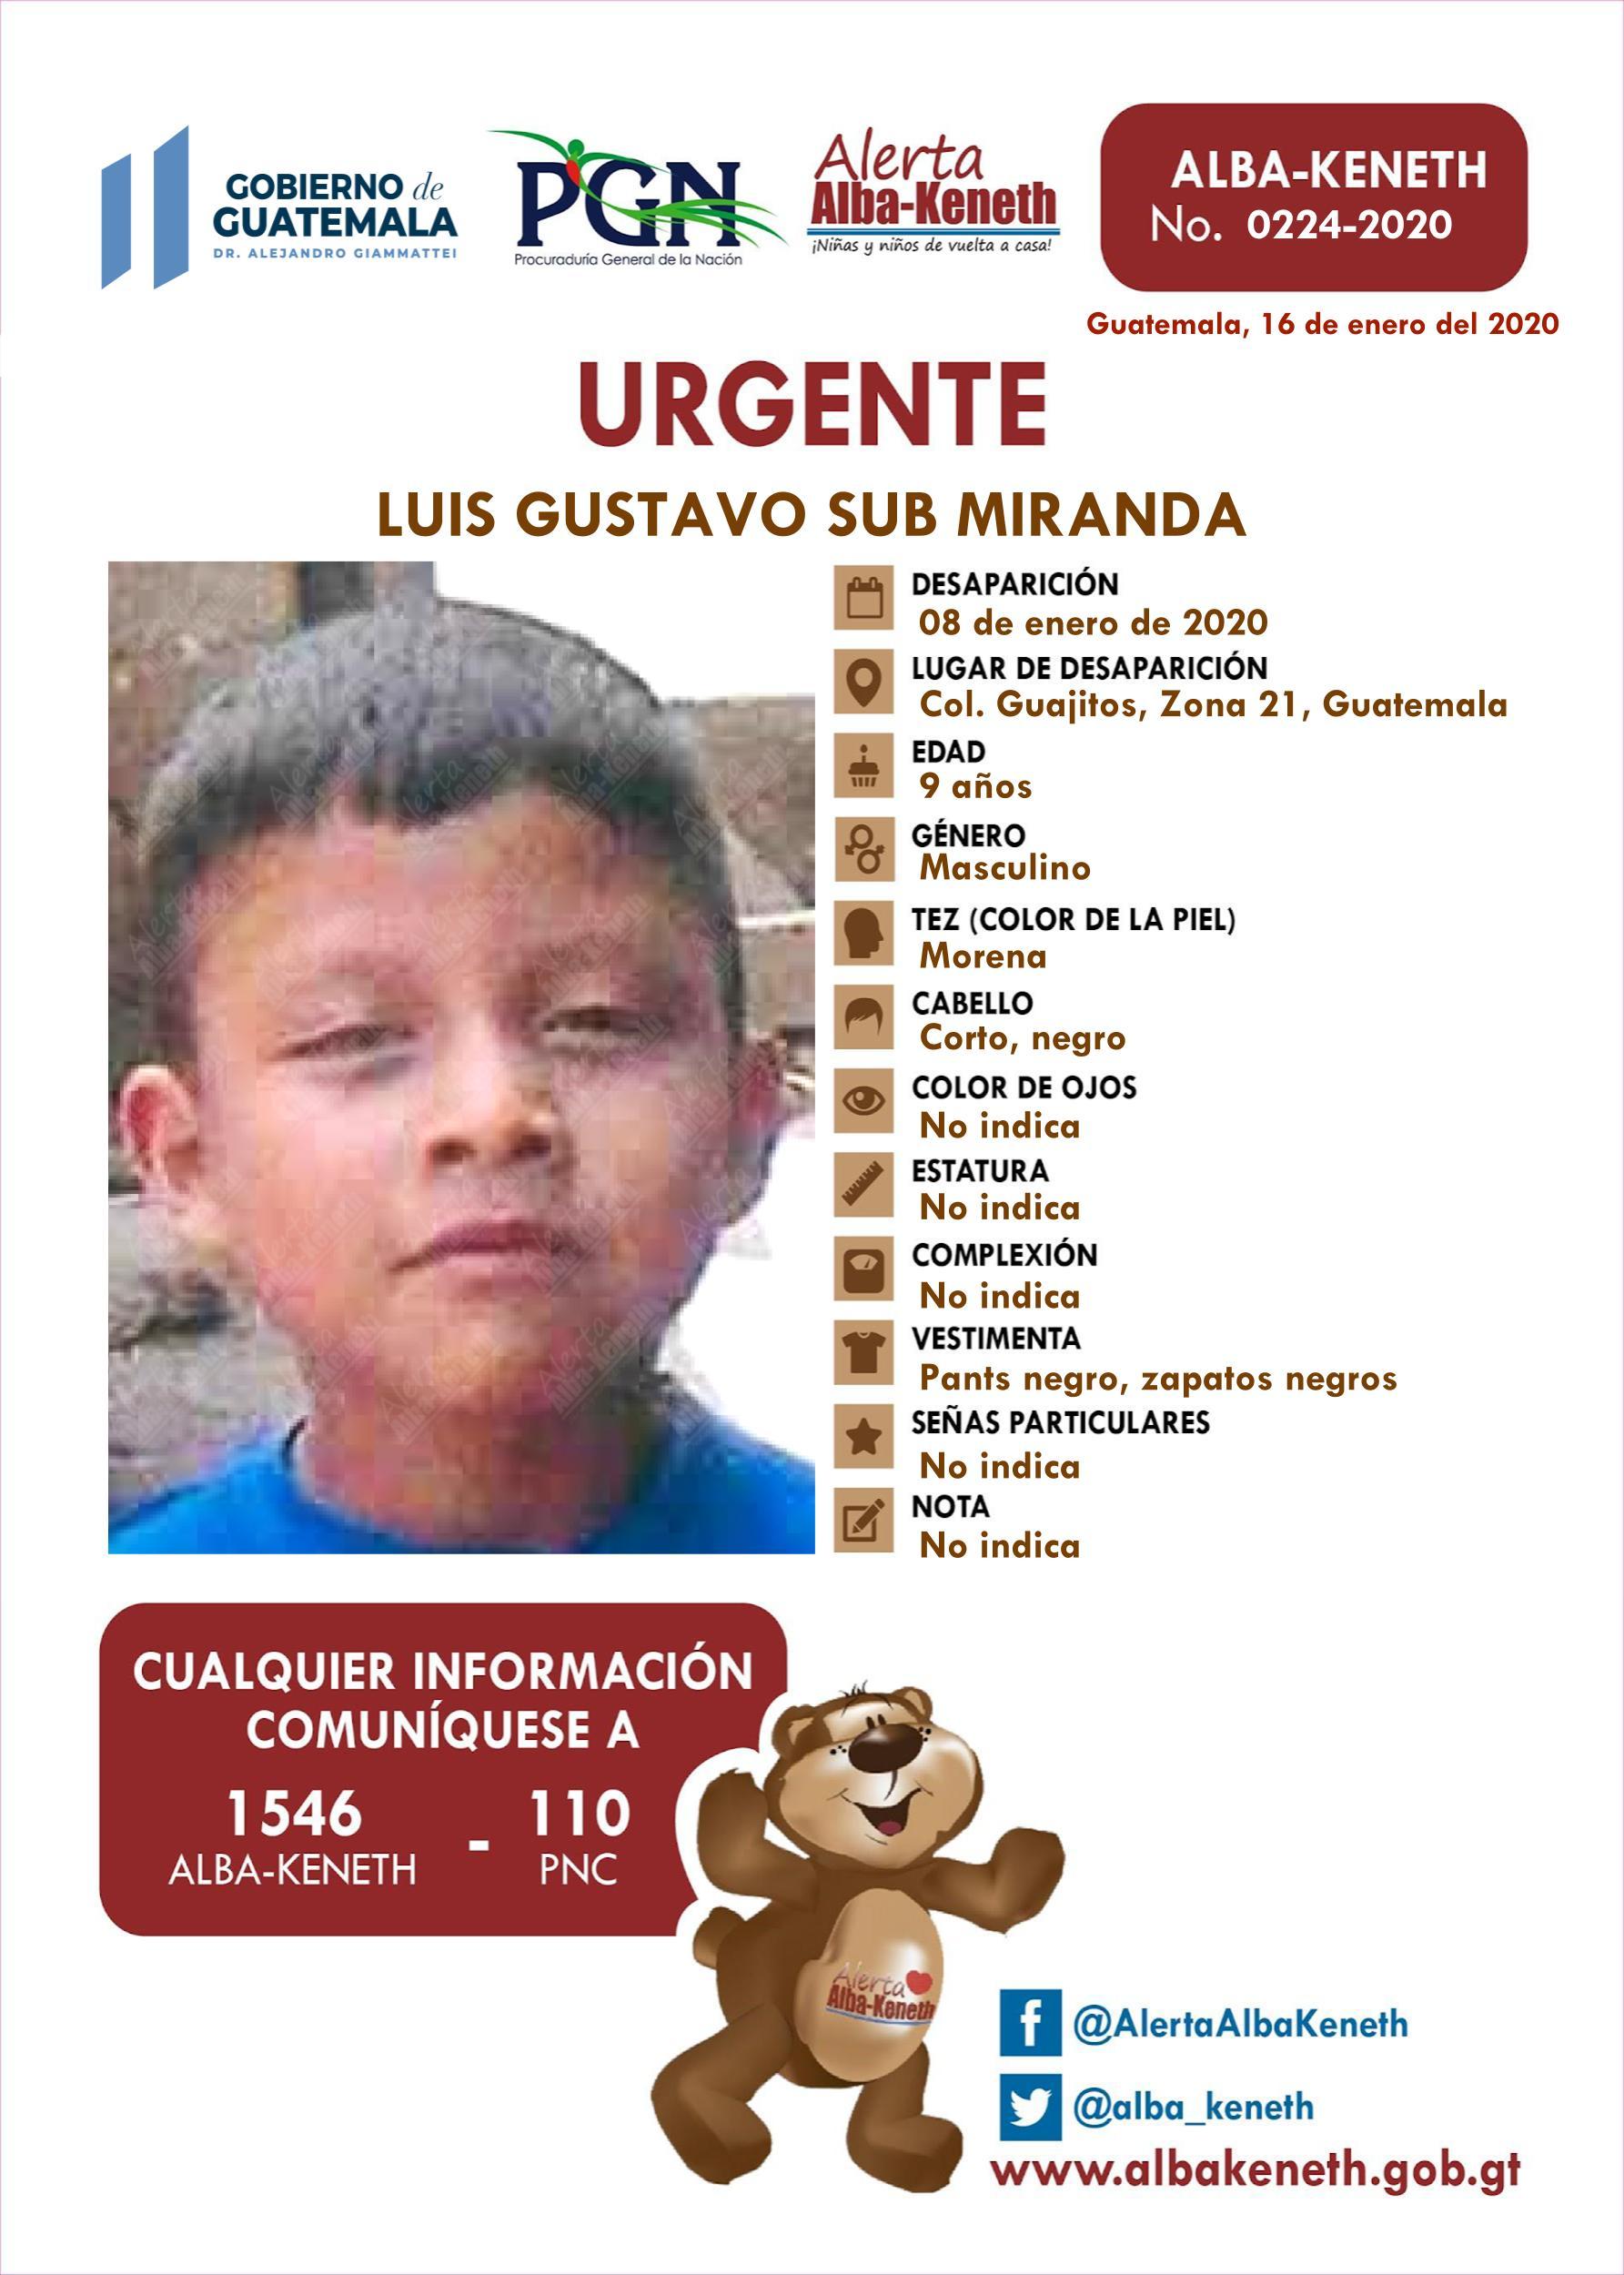 Luis Gustavo Sub Miranda